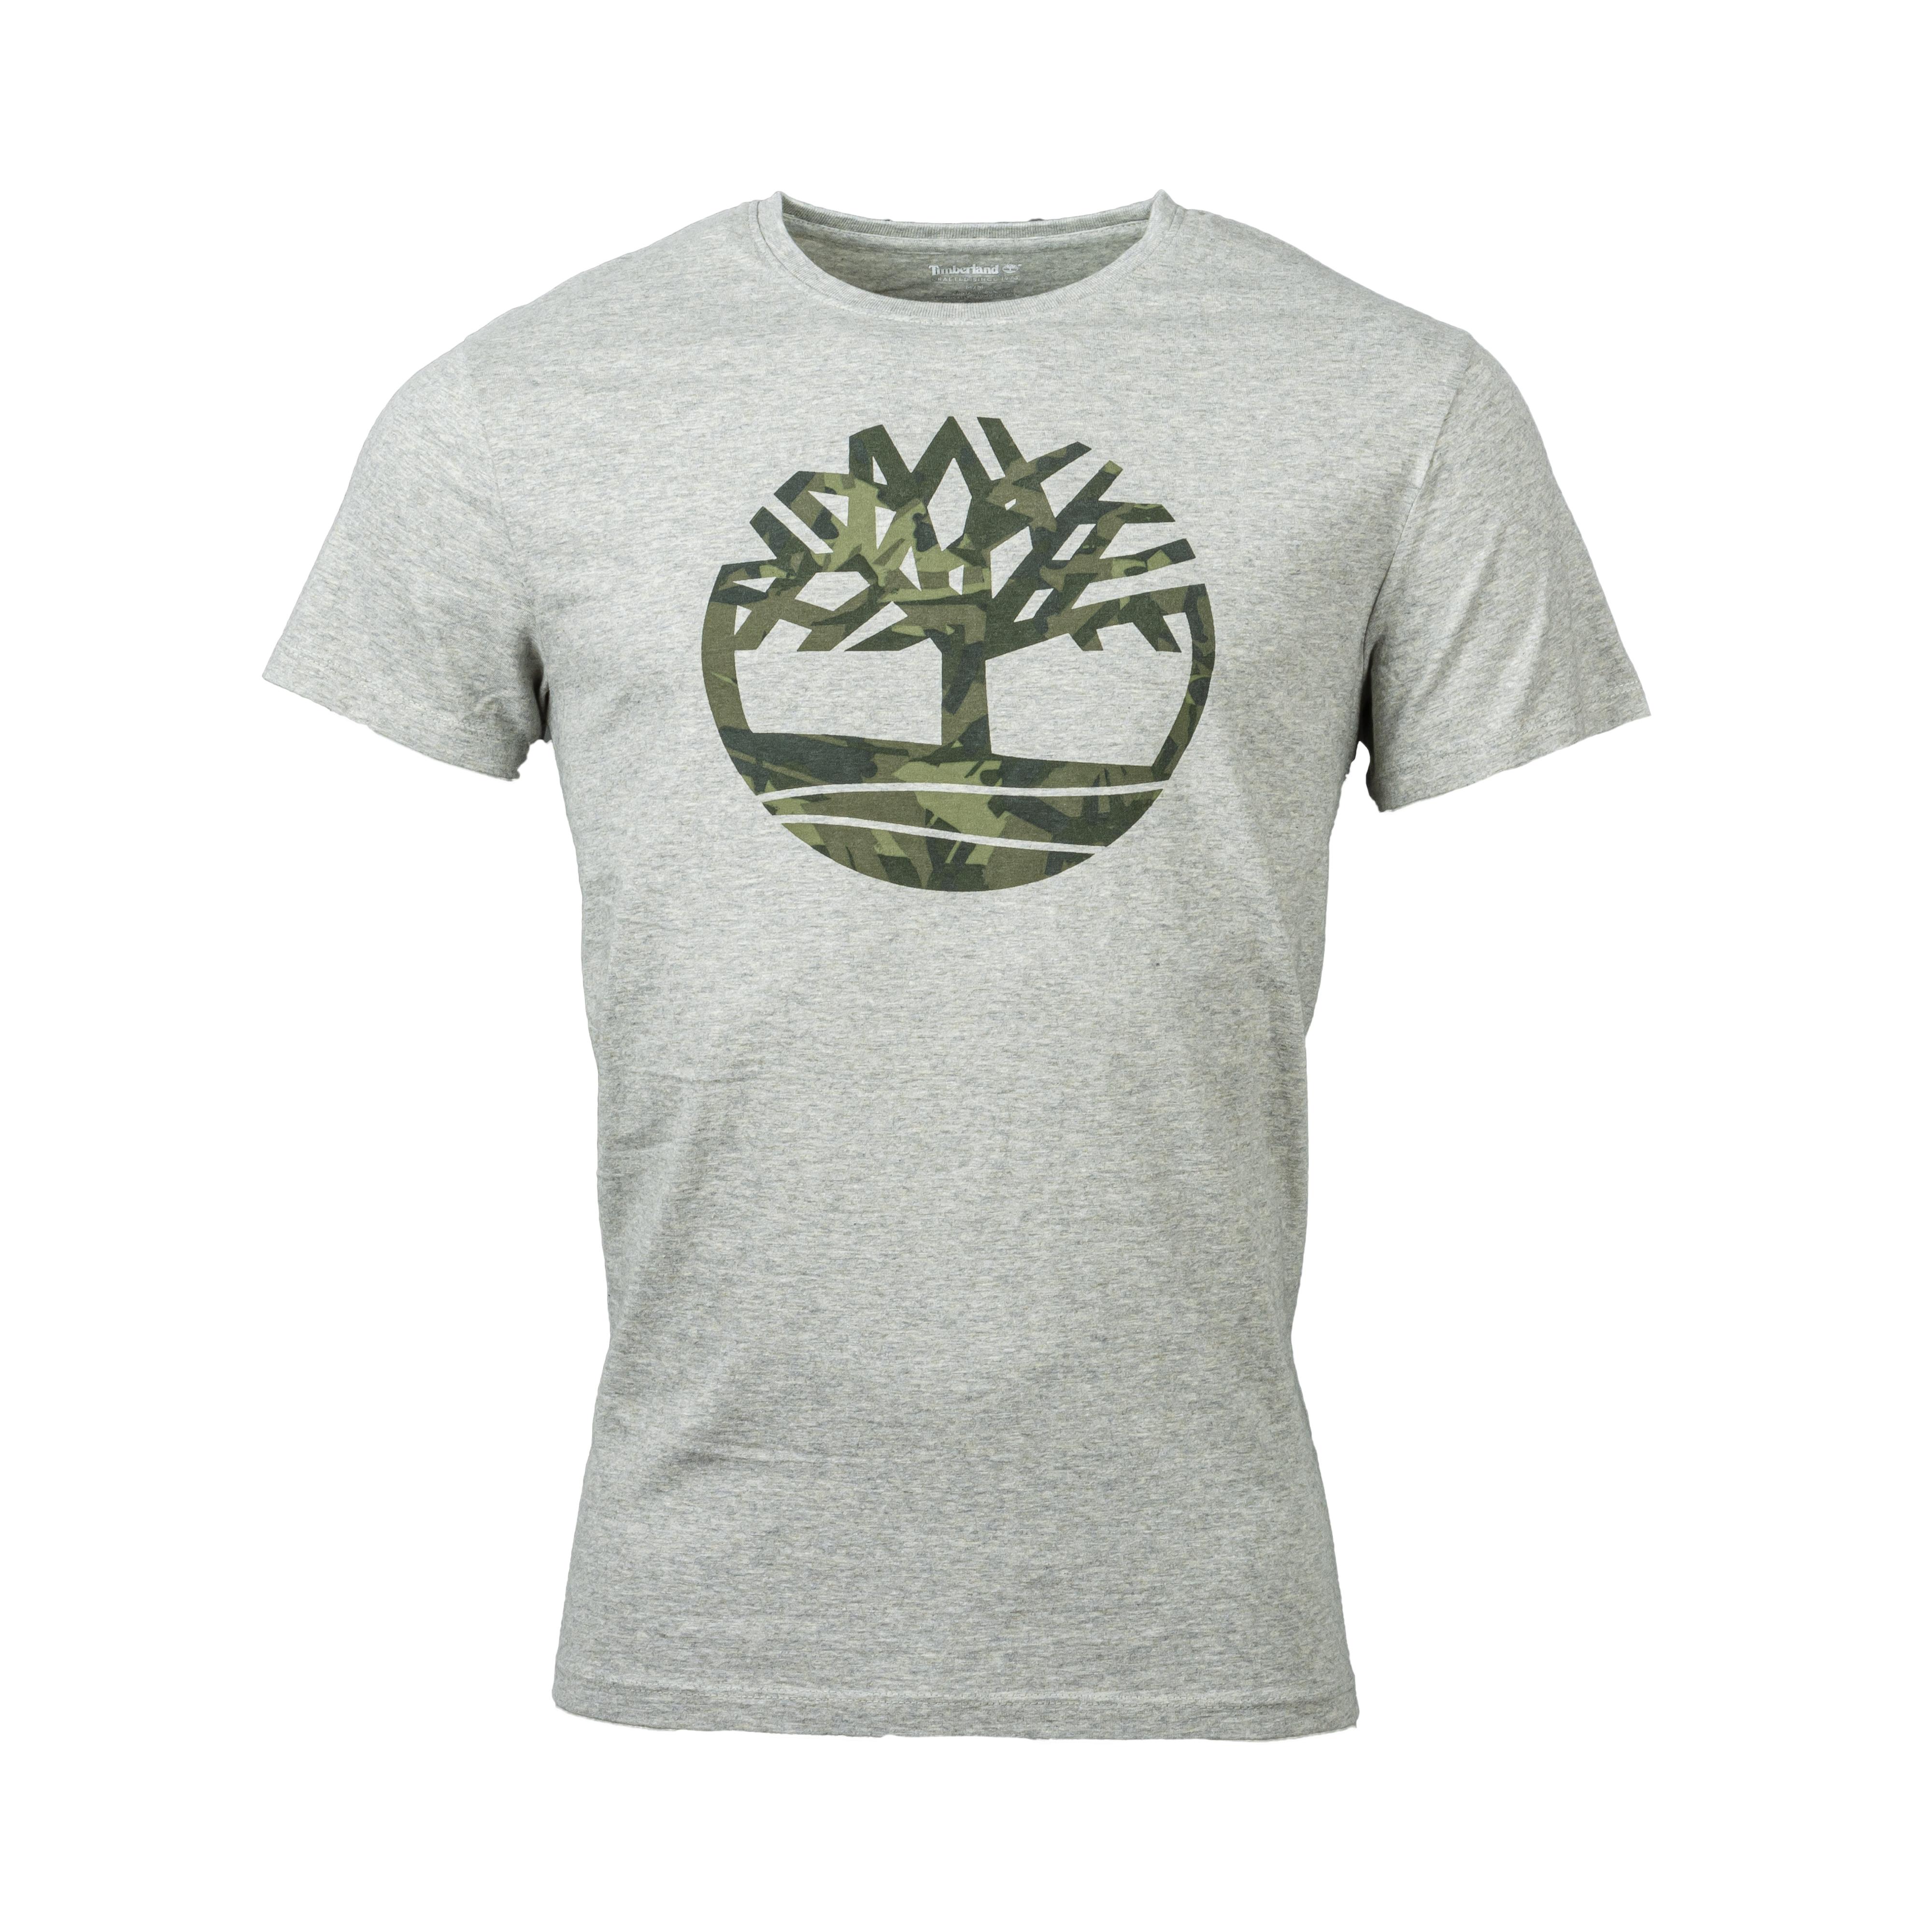 Tee-shirt col rond  en coton gris chiné floqué